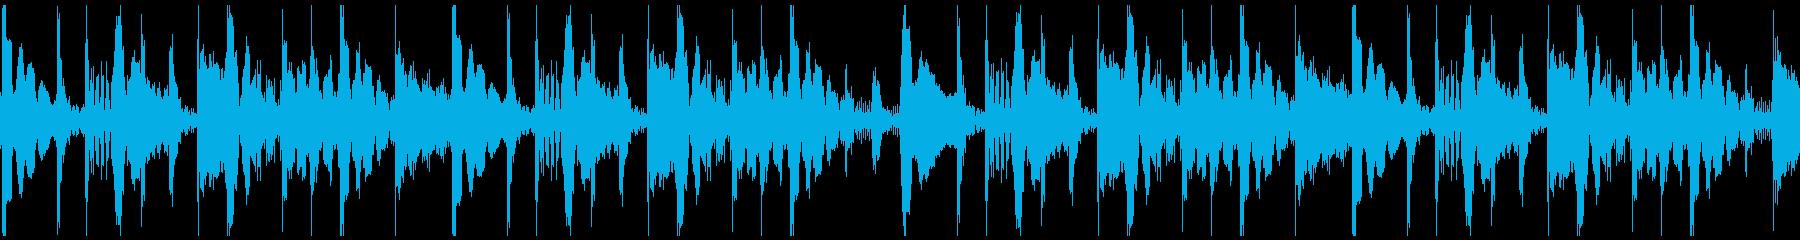 ハウスアフロ ループの再生済みの波形